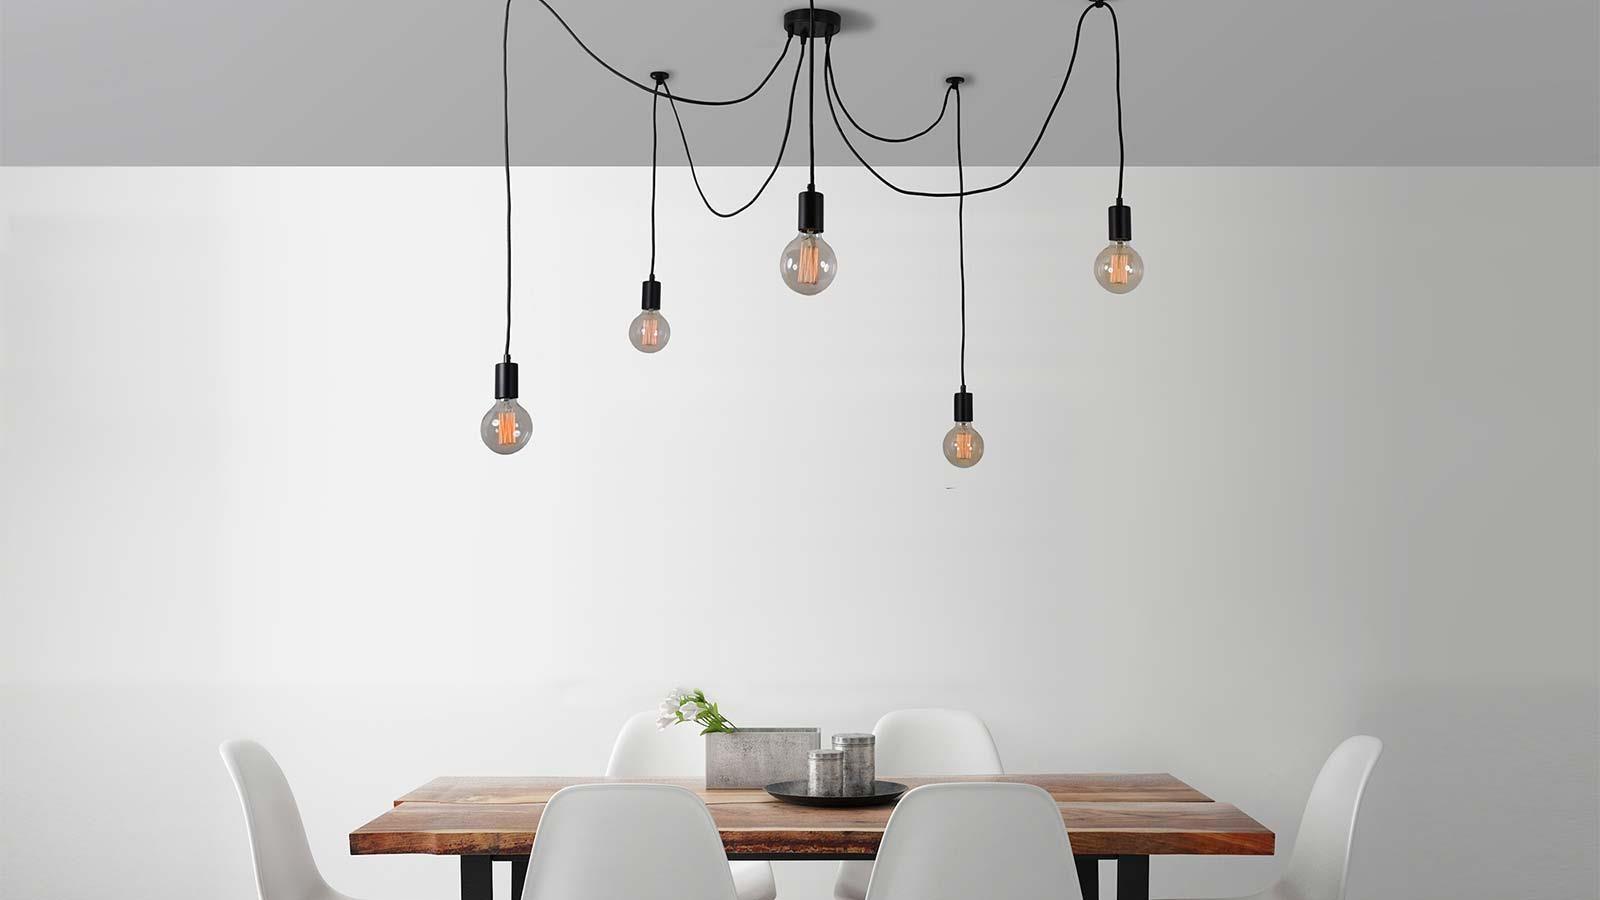 Come illuminare un tavolo da pranzo con lampadari o ...